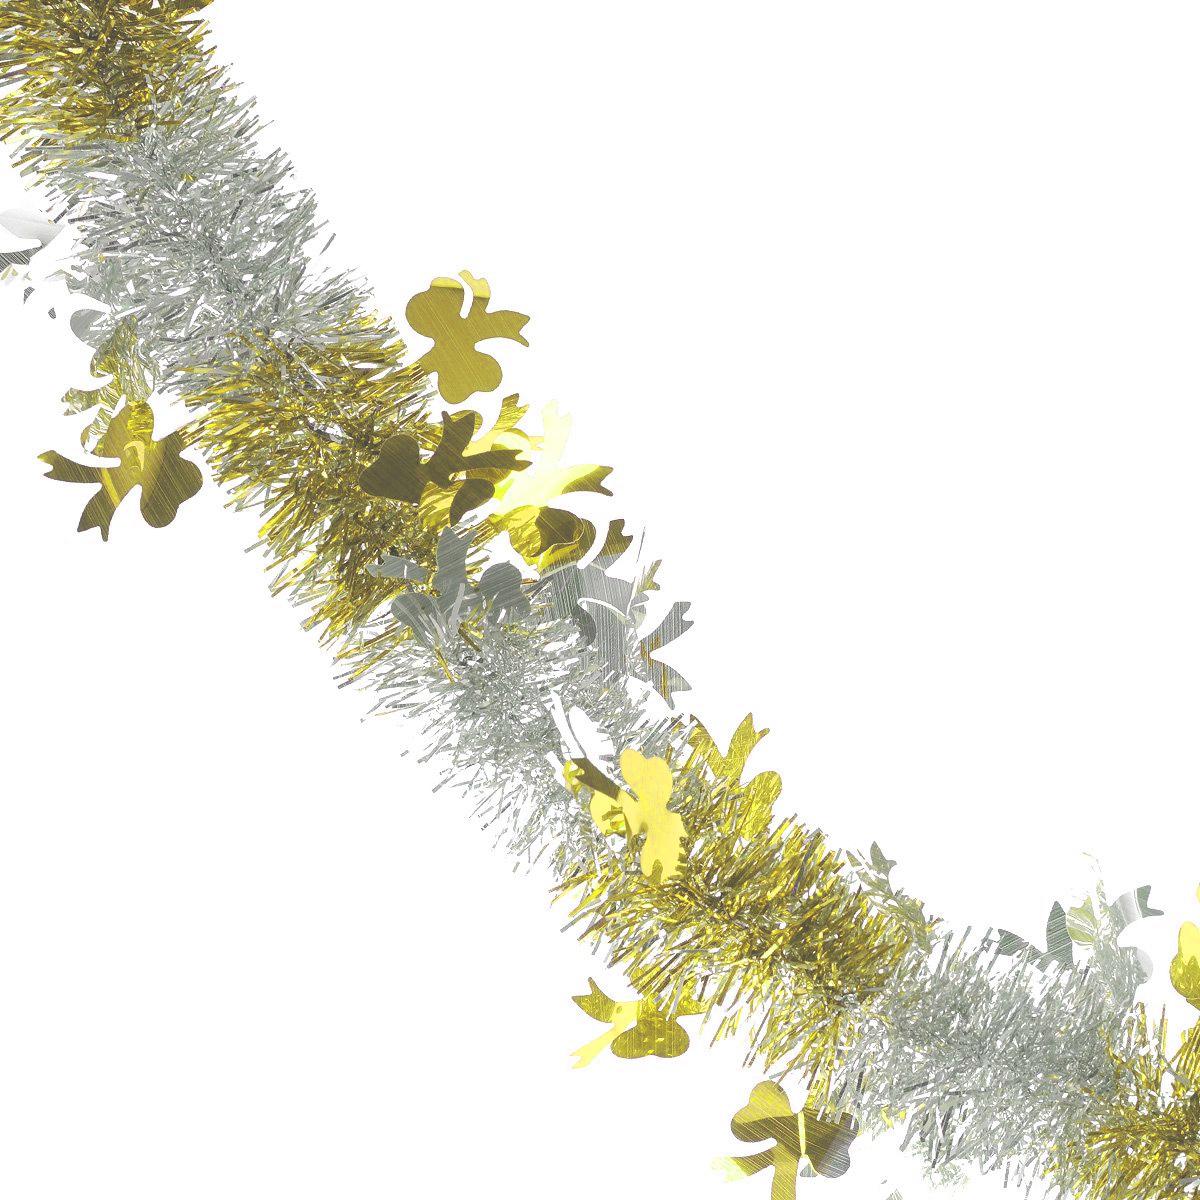 Мишура новогодняя Sima-land, цвет: серебристый, золотистый, диаметр 5 см, длина 200 см. 702605702605_желтыйМишура новогодняя Sima-land, выполненная из двухцветной фольги, поможет вам украсить свой дом к предстоящим праздникам. Мишура армирована, то есть имеет проволоку внутри и способна сохранять приданную ей форму.Новогодняя елка с таким украшением станет еще наряднее. Новогодней мишурой можно украсить все, что угодно - елку, квартиру, дачу, офис - как внутри, так и снаружи. Можно сложить новогодние поздравления, буквы и цифры, мишурой можно украсить и дополнить гирлянды, можно выделить дверные колонны, оплести дверные проемы. Коллекция декоративных украшений из серии Зимнее волшебство принесет в ваш дом ни с чем несравнимое ощущение праздника! Создайте в своем доме атмосферу тепла, веселья и радости, украшая его всей семьей.